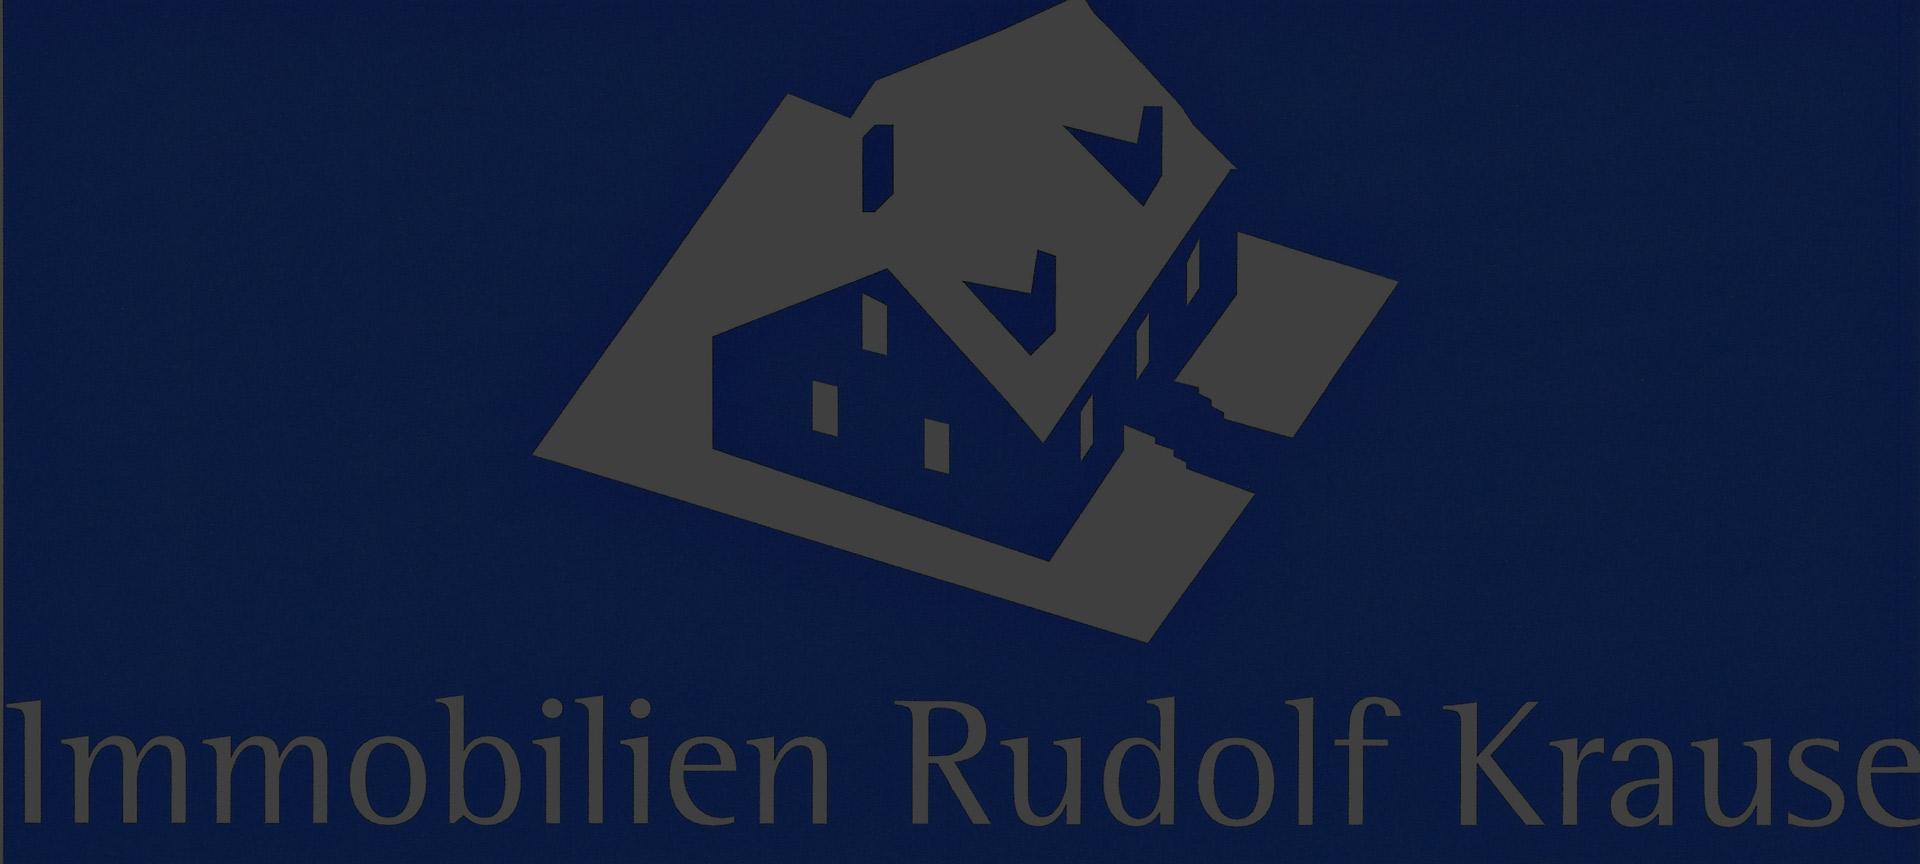 Immobilien Rudolf Krause